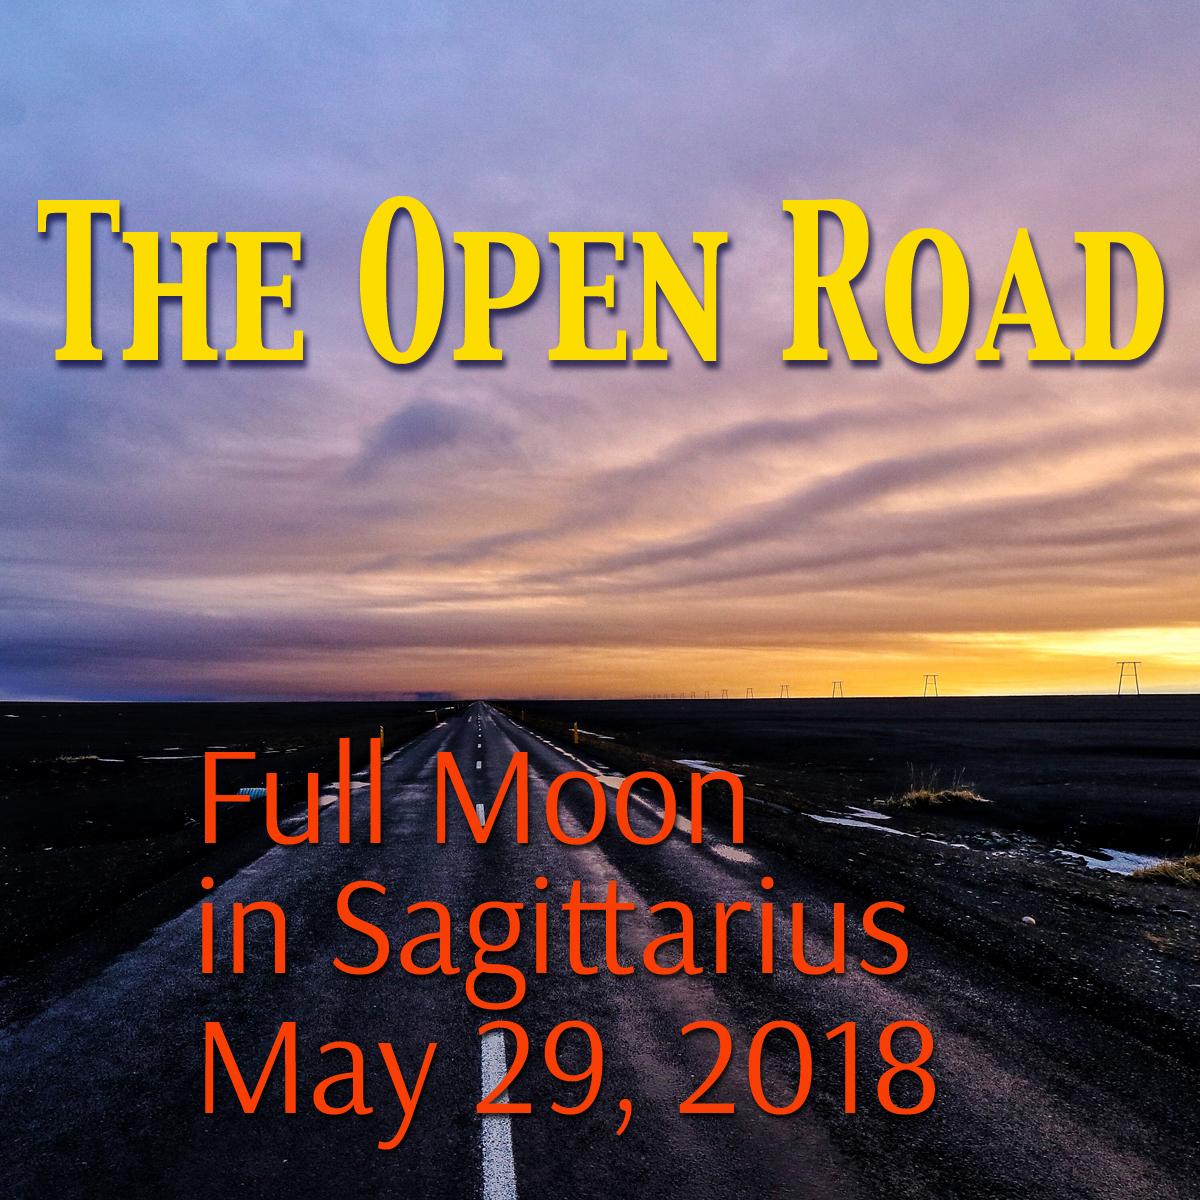 Full Moon in Sagittarius: The Open Road